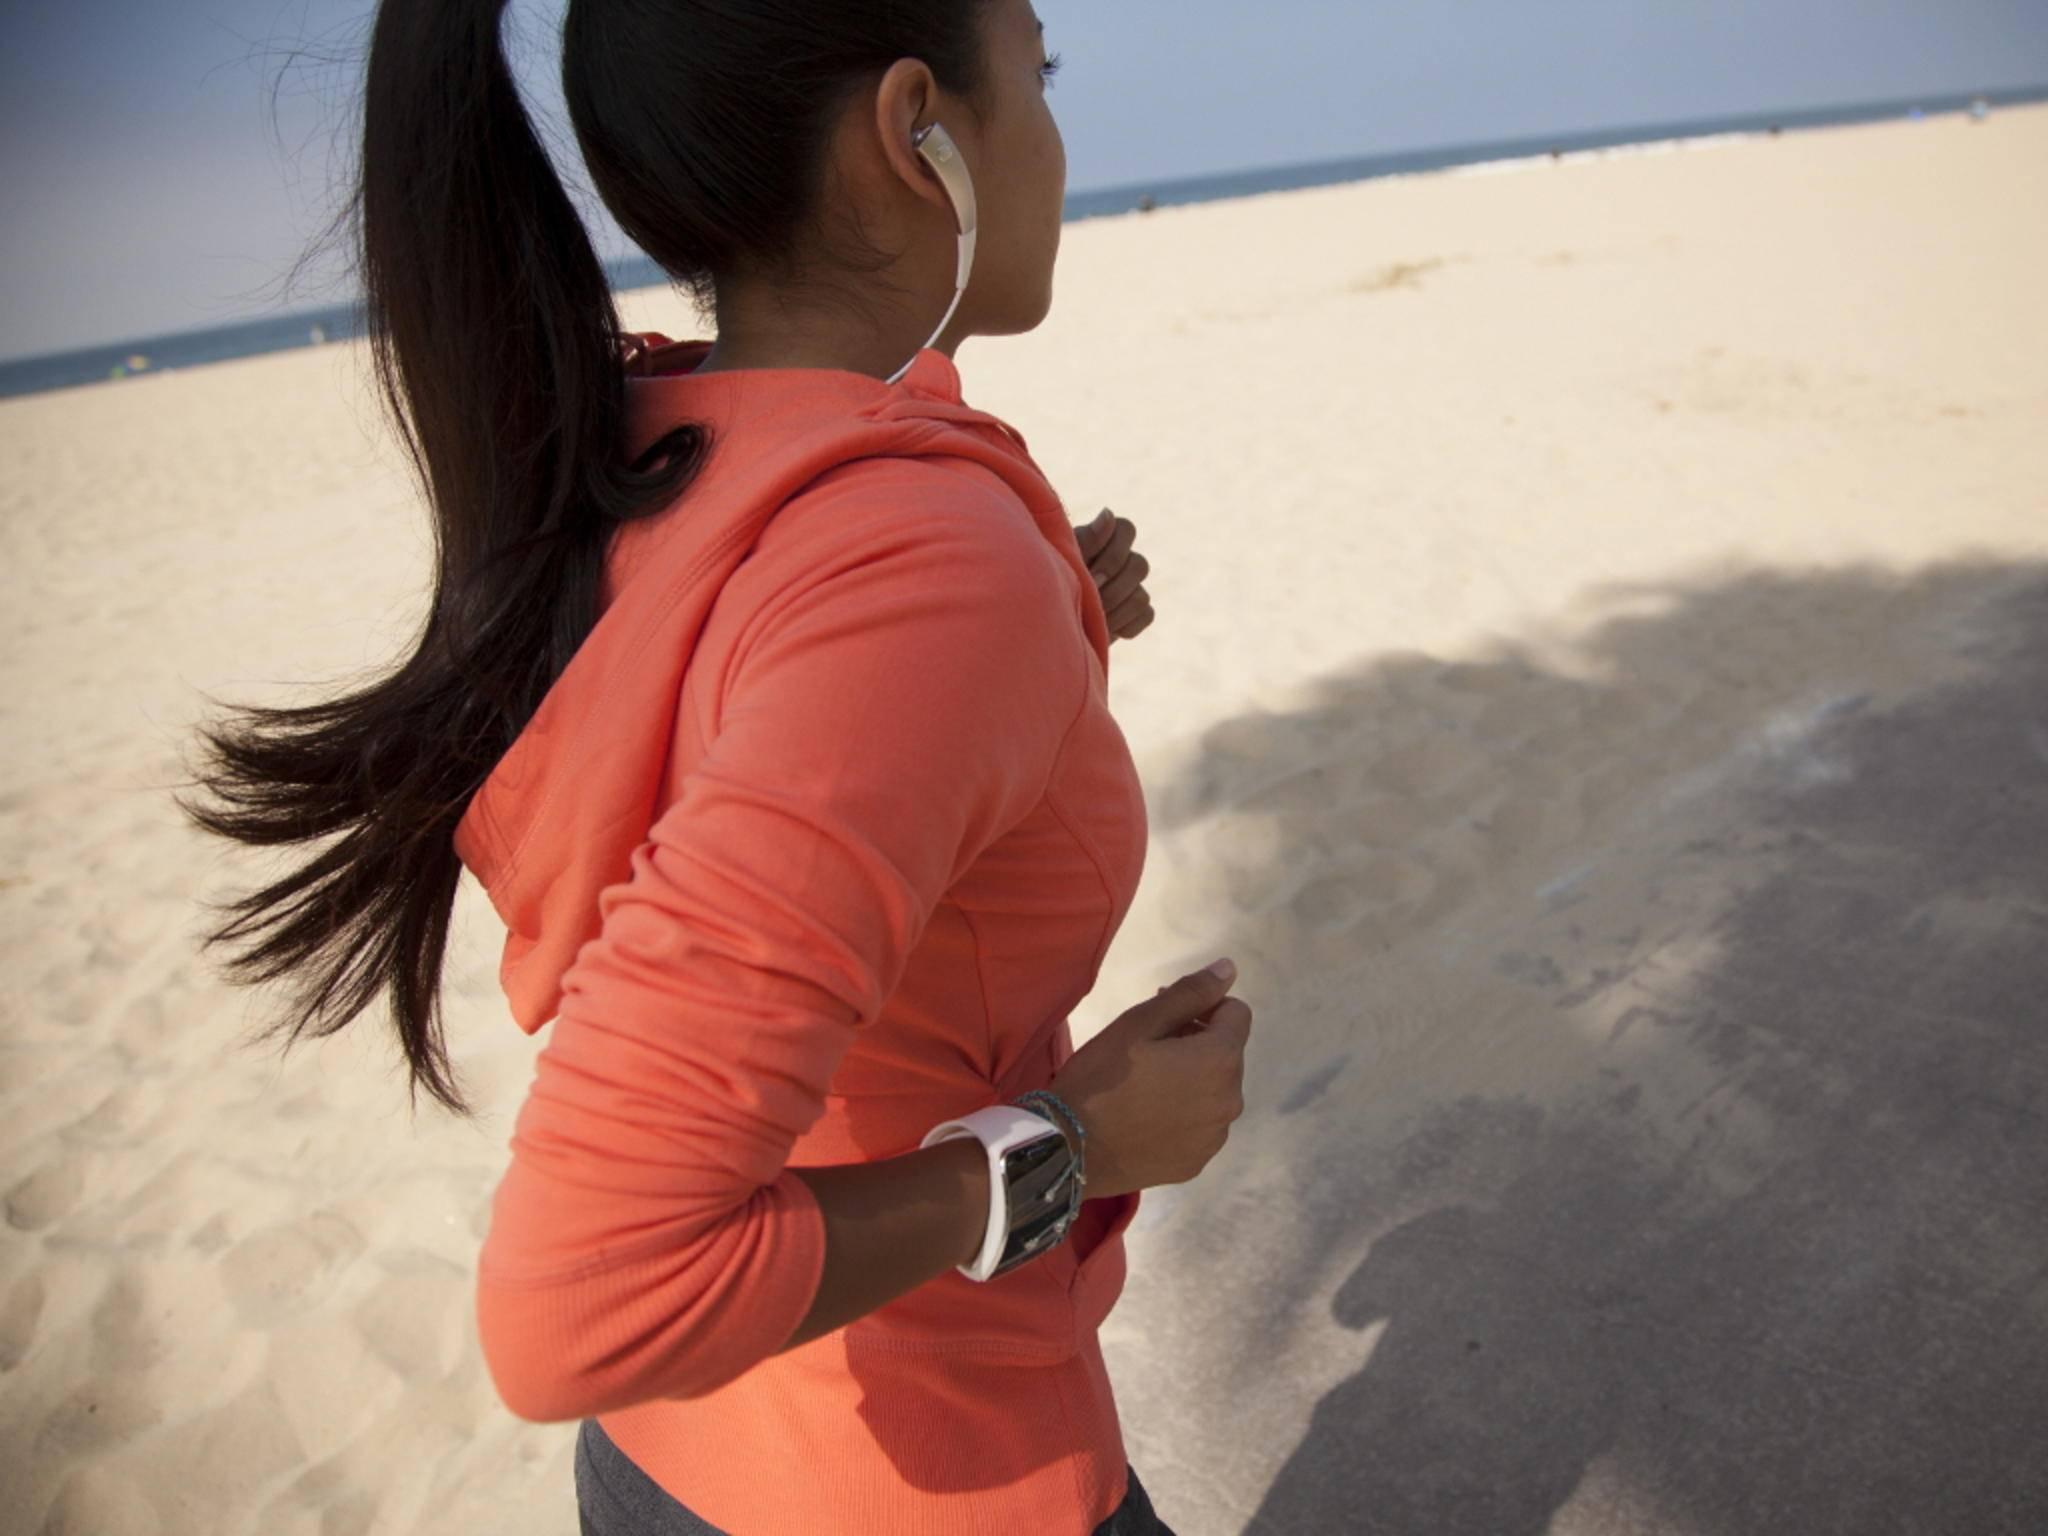 Eine Smartwatch kann beim Sport zusätzlich motivieren.